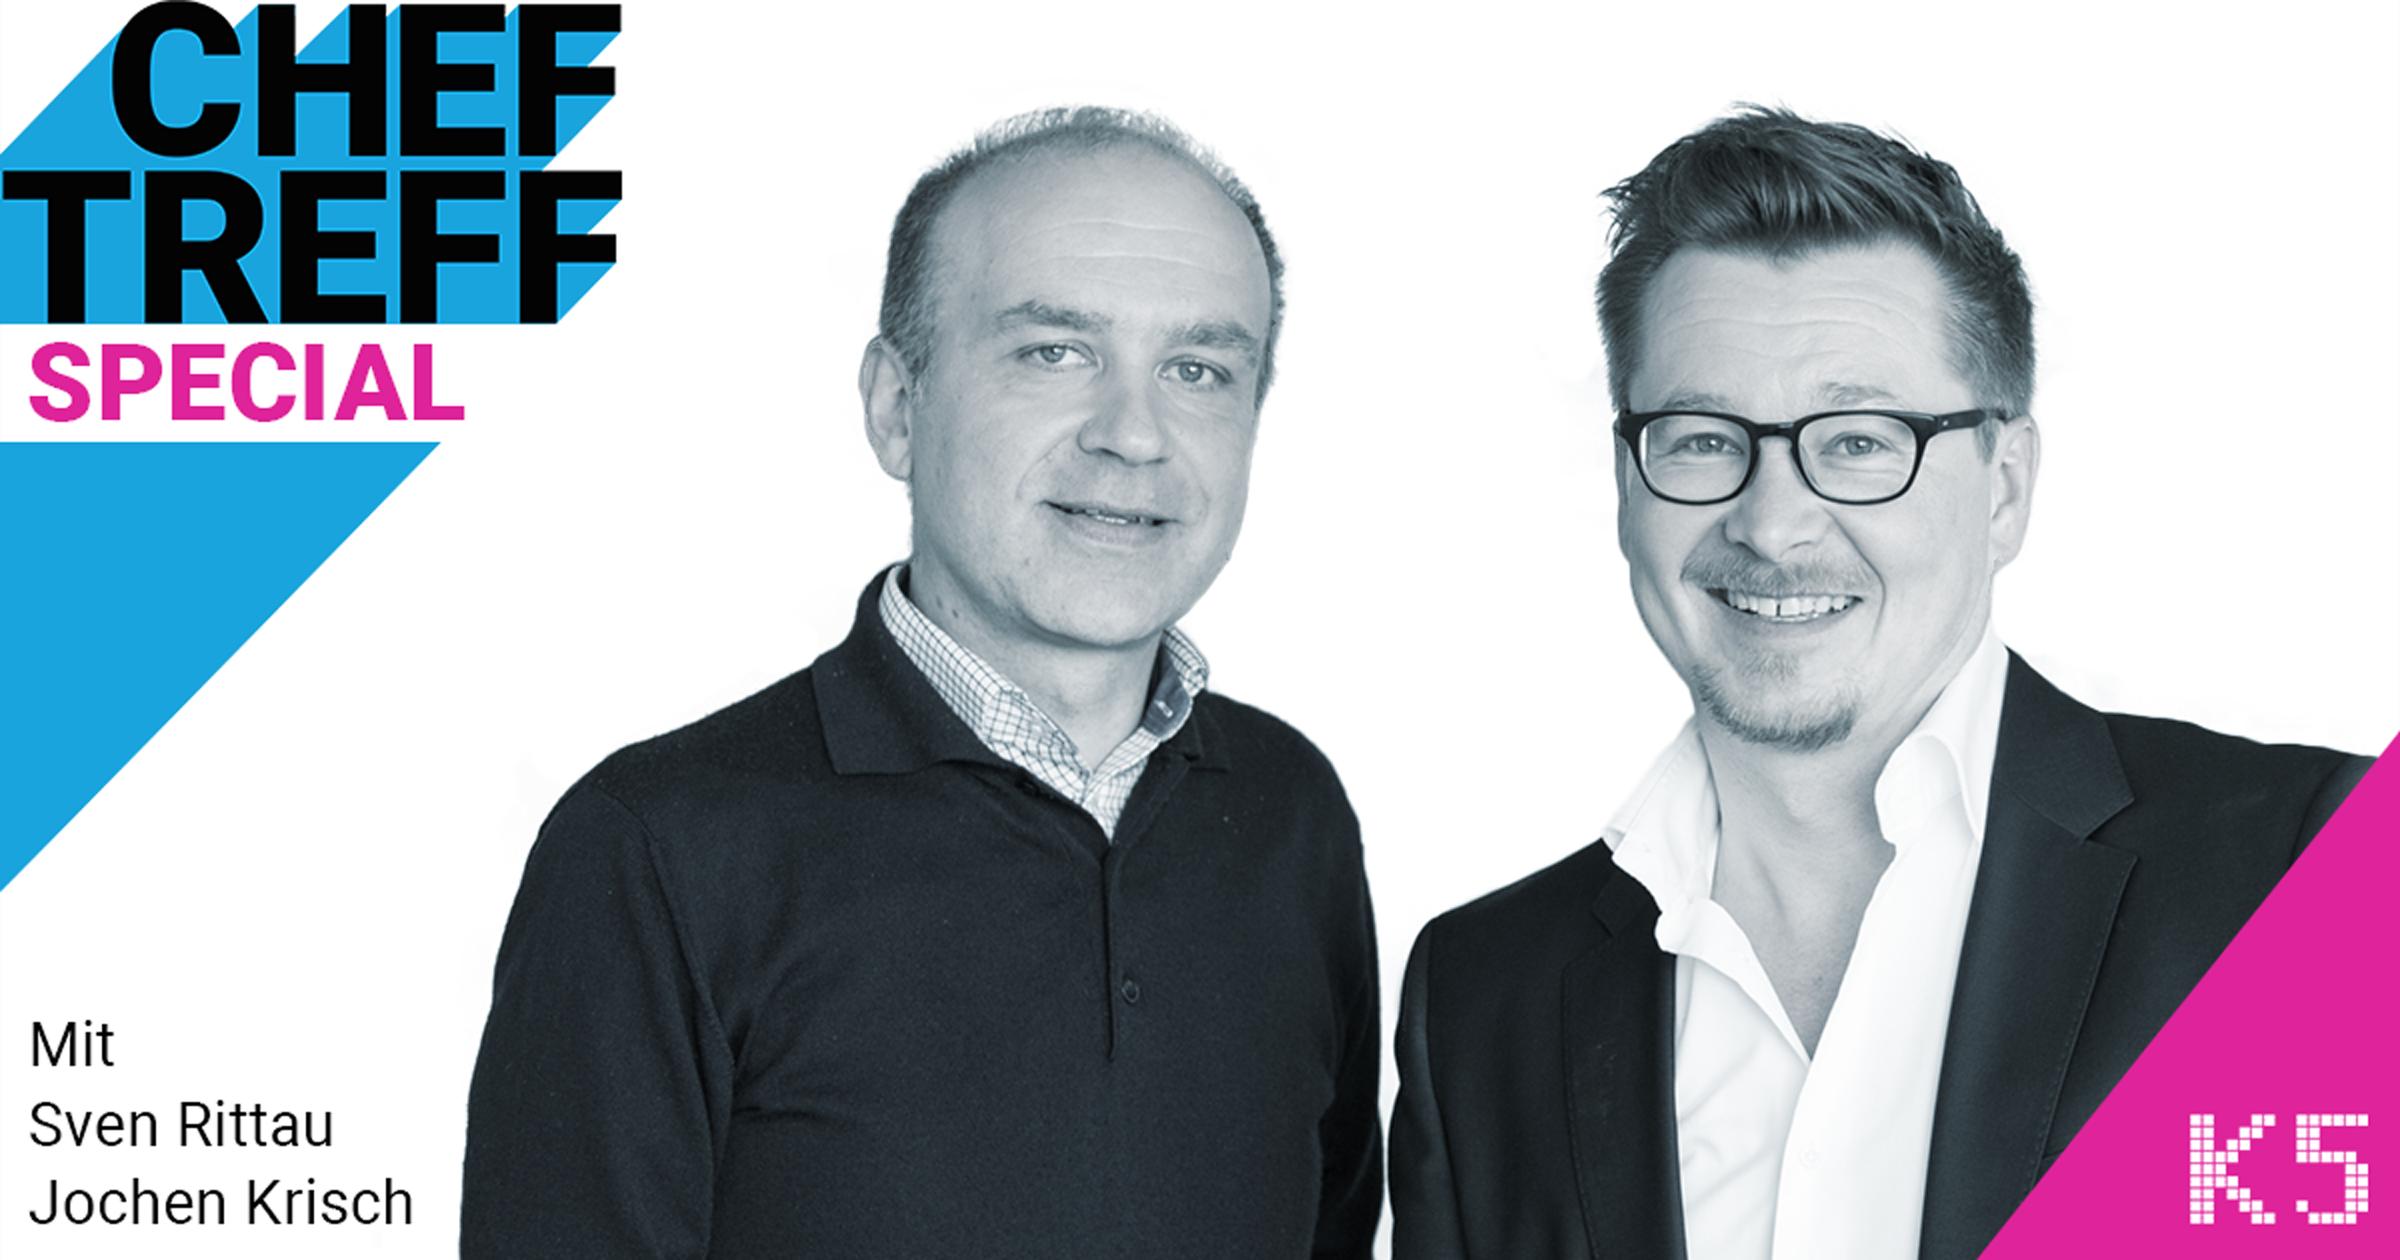 Jochen Krisch, excitingcommerce im ChefTreff Special mit Sven Rittau